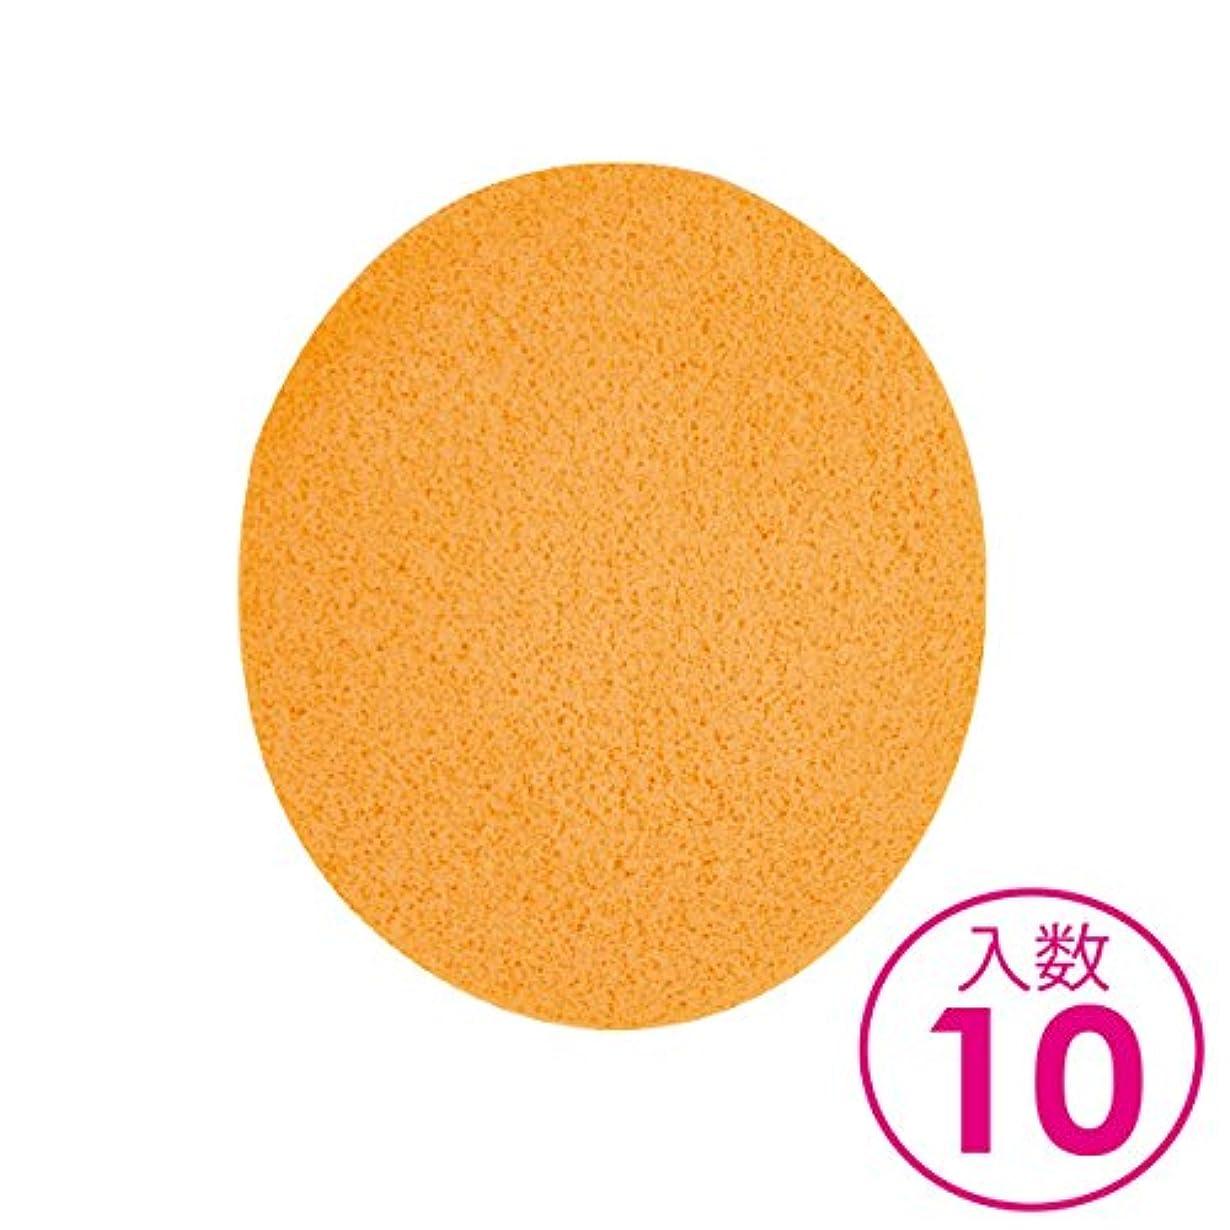 チャーター藤色北東ボディスポンジ 幅120×長さ140×厚み10mm (きめ粗い) 10枚入 オレンジ [ ボディスポンジ ボディ用スポンジ マッサージスポンジ ボディ ボディー 体用 エステ スポンジ パック 拭き取り 吸水 保水 ]